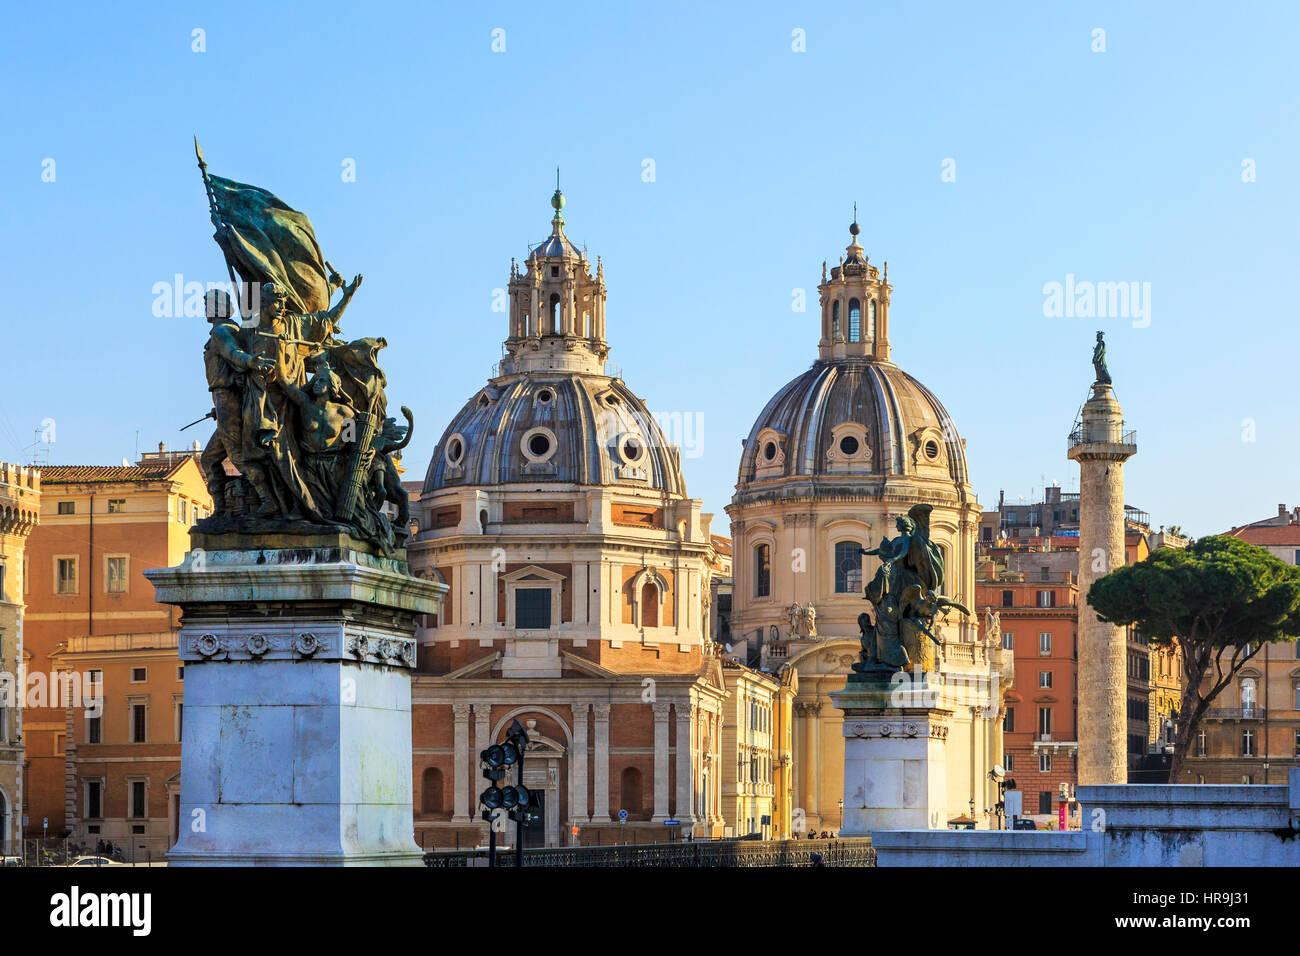 Muy temprano en la mañana en la Piazza San Marco, Roma, Italia Imagen De Stock